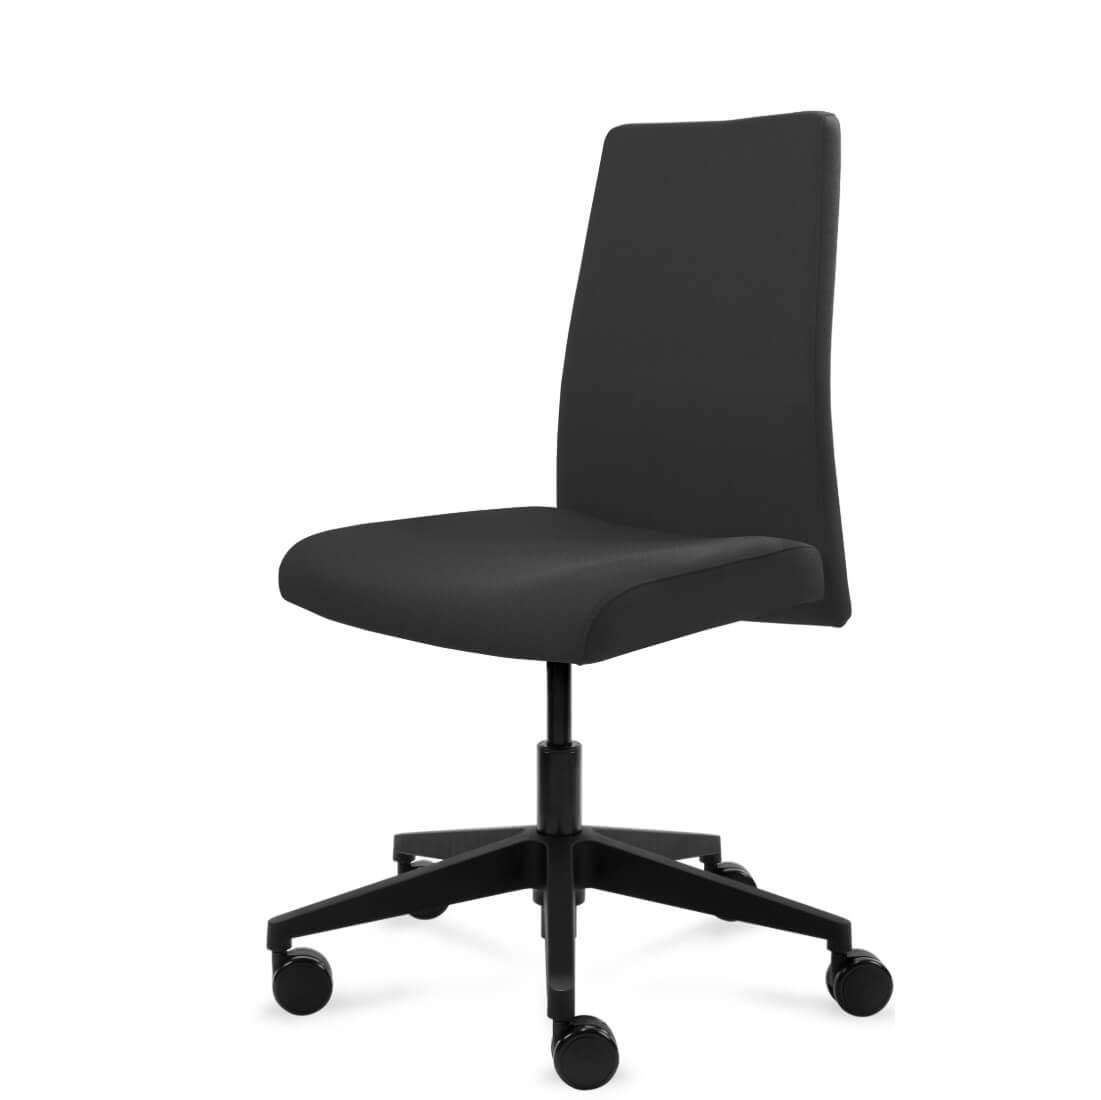 scaun birou fara manere